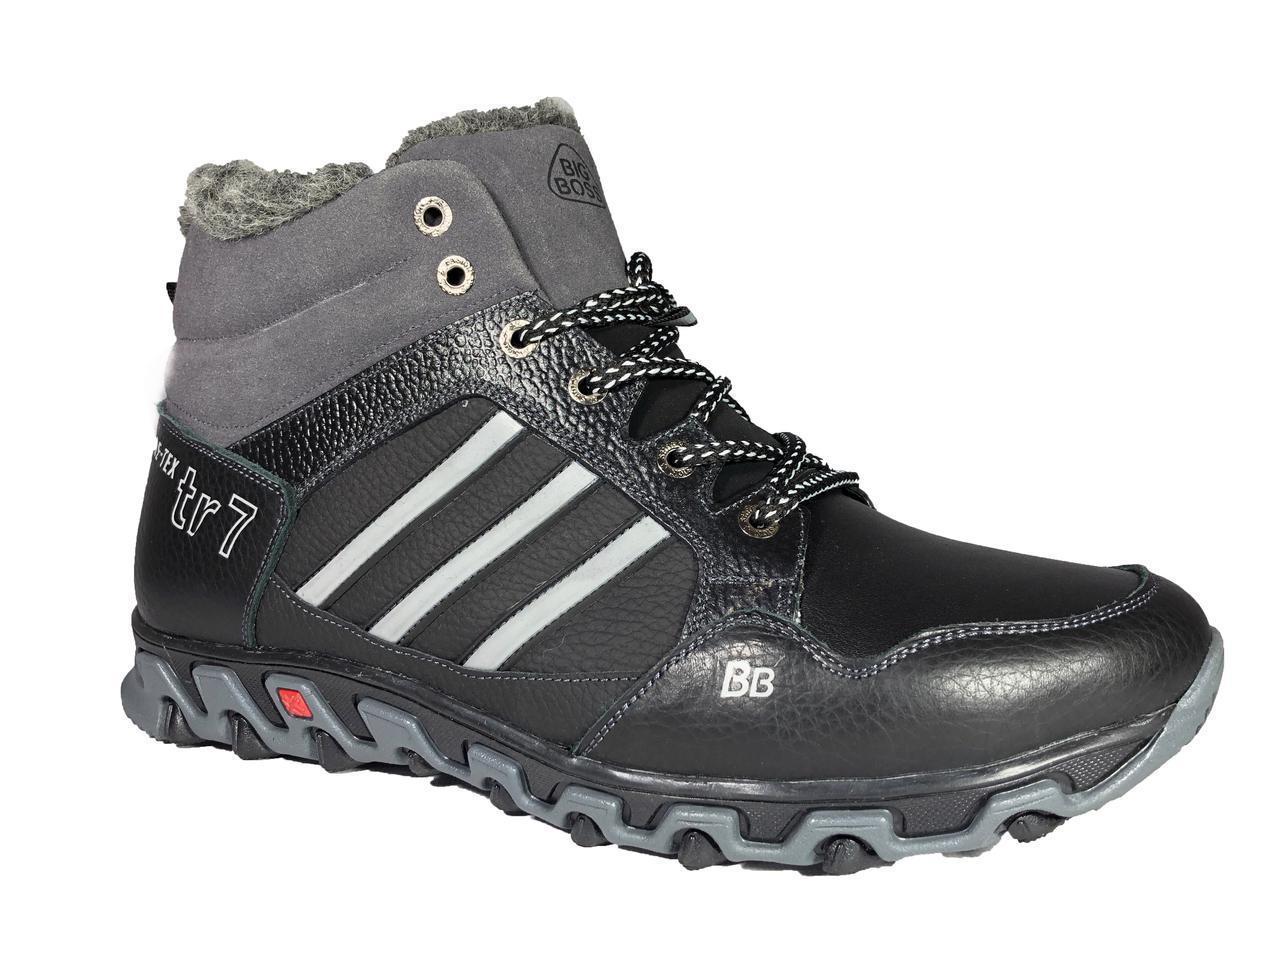 1c9810ba0 Ботинки мужские 48 размера спортивные модель К-34 - BigBoss-производитель  мужской обуви 40